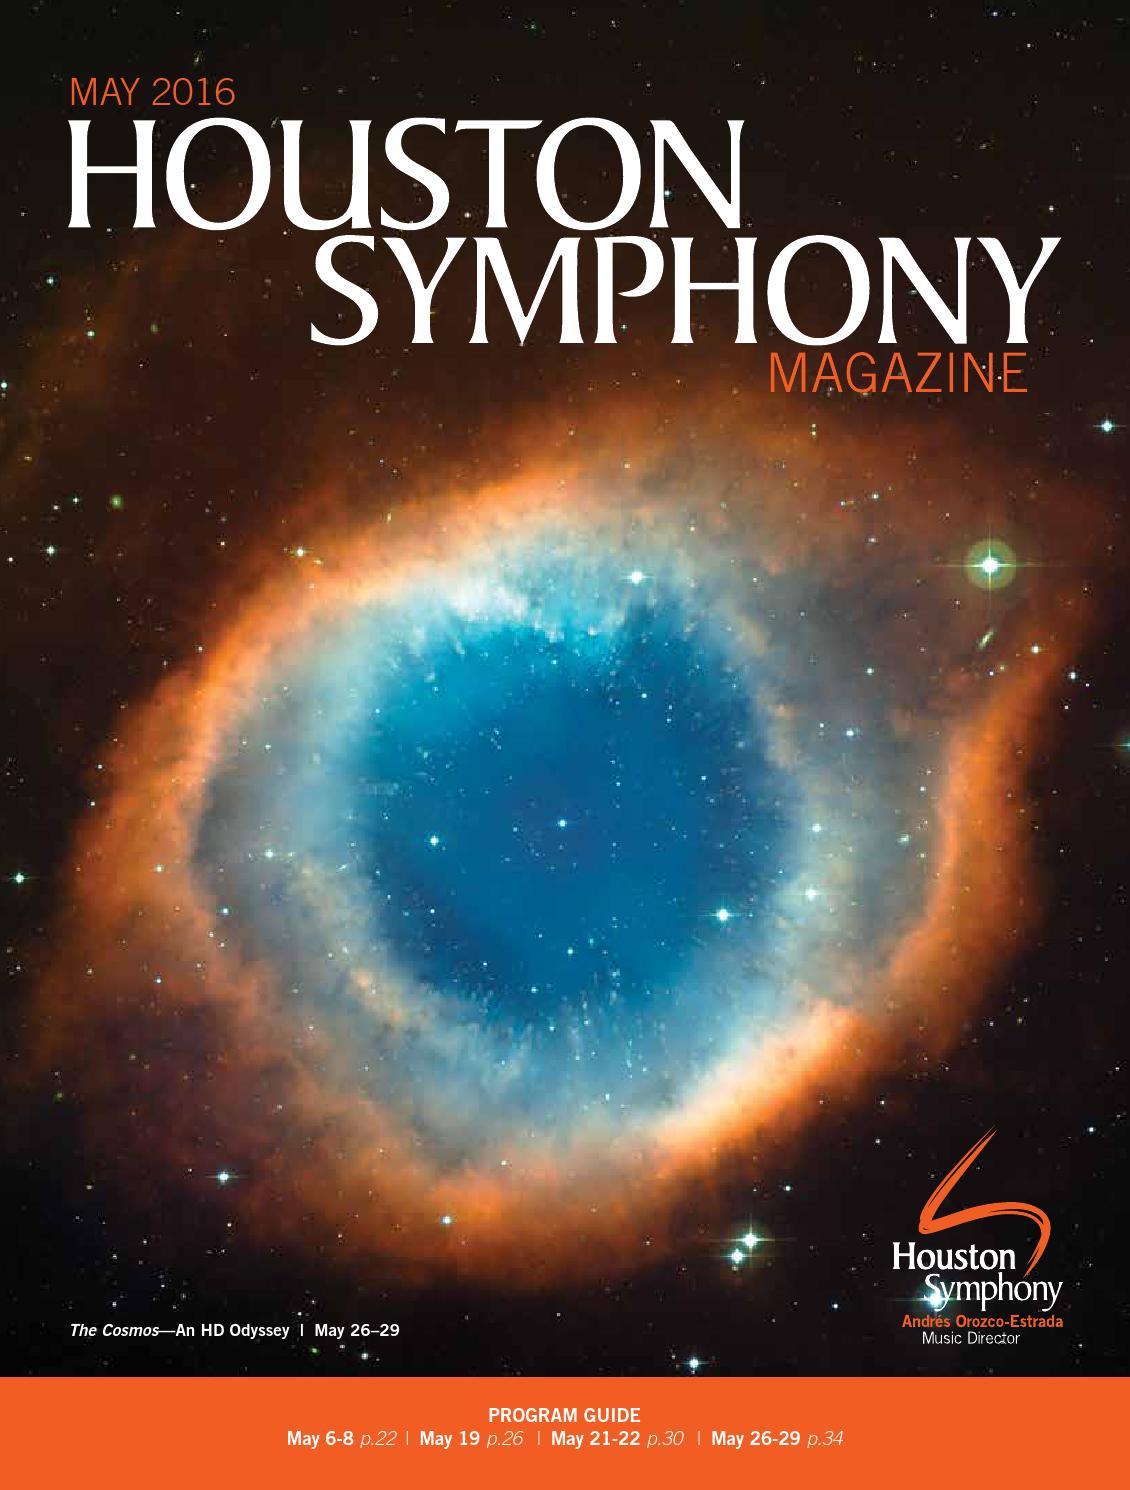 Houston Symphony Magazine — May 2016 by Houston Symphony - issuu